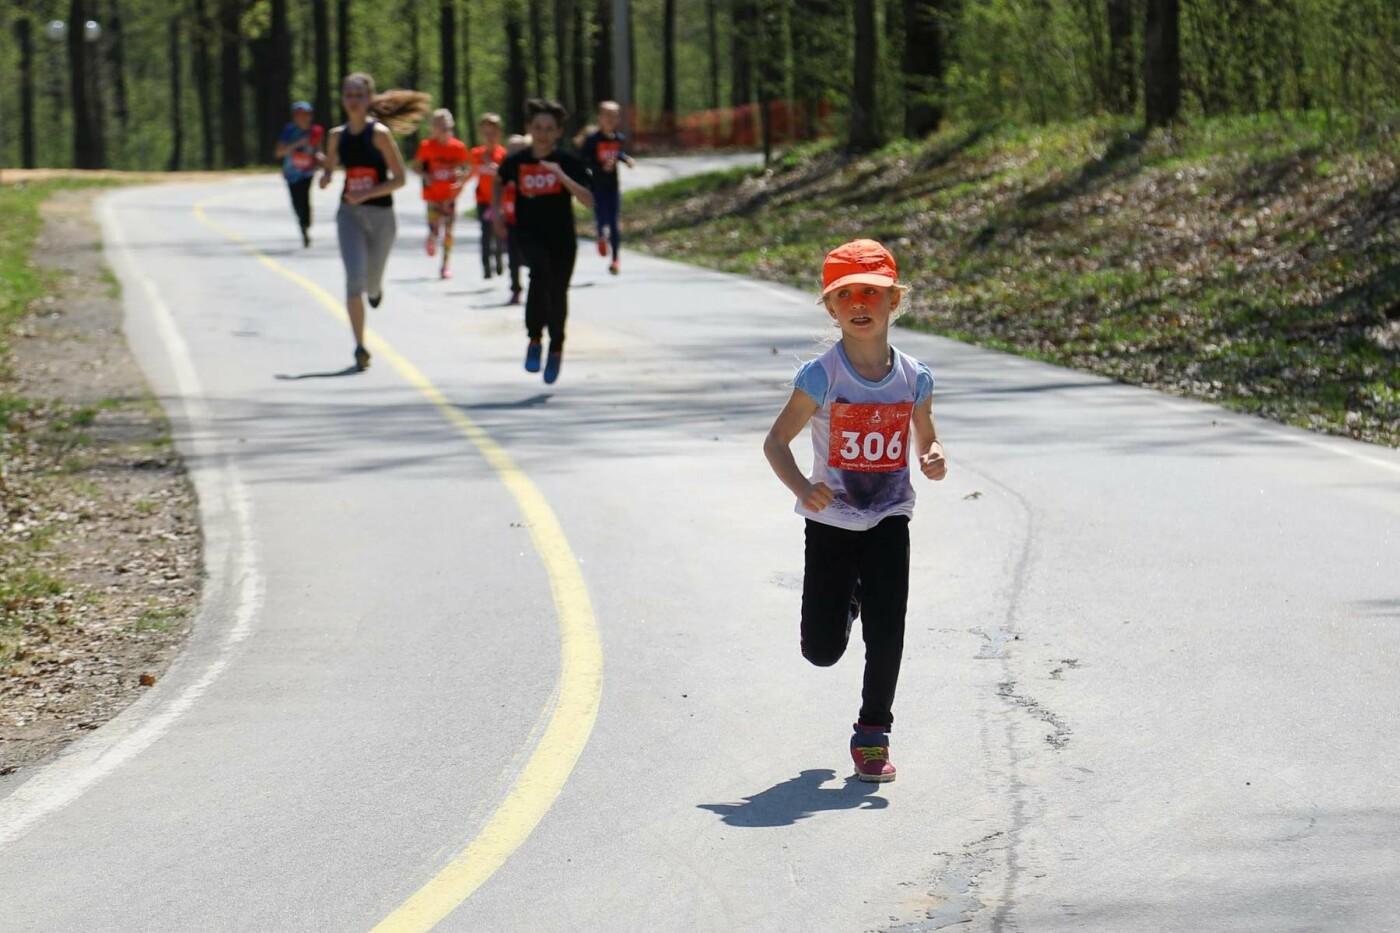 170 белгородцев участвовали в благотворительном марафоне ко Дню Победы, фото-1